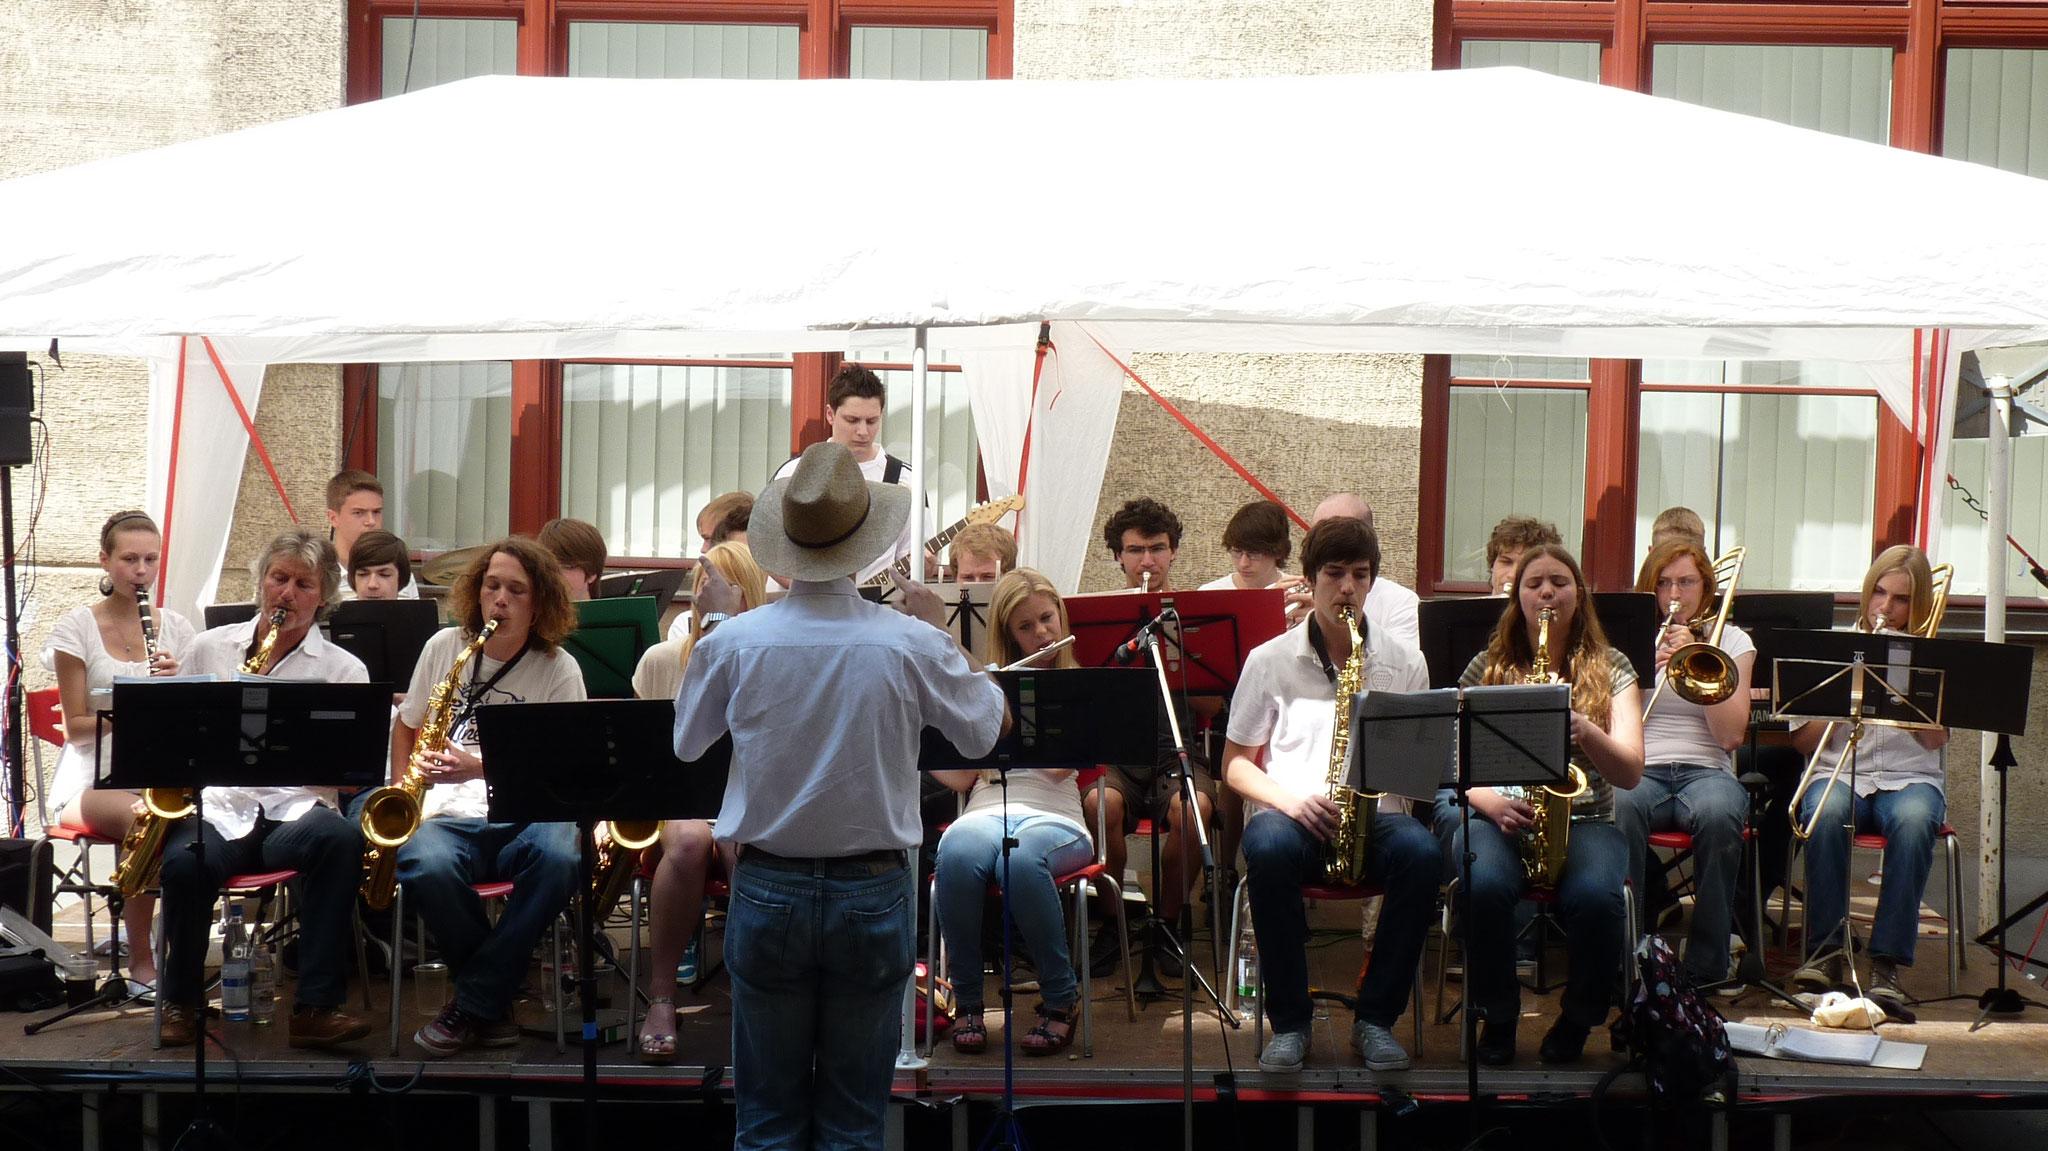 Konzerte im Bürgerhof 26.06.10 Big Band des Rudolf-Diesel-Gymnasiums Augsburg - Freiwilligen-Zentrum Augsburg - Foto: Martin Schönberger